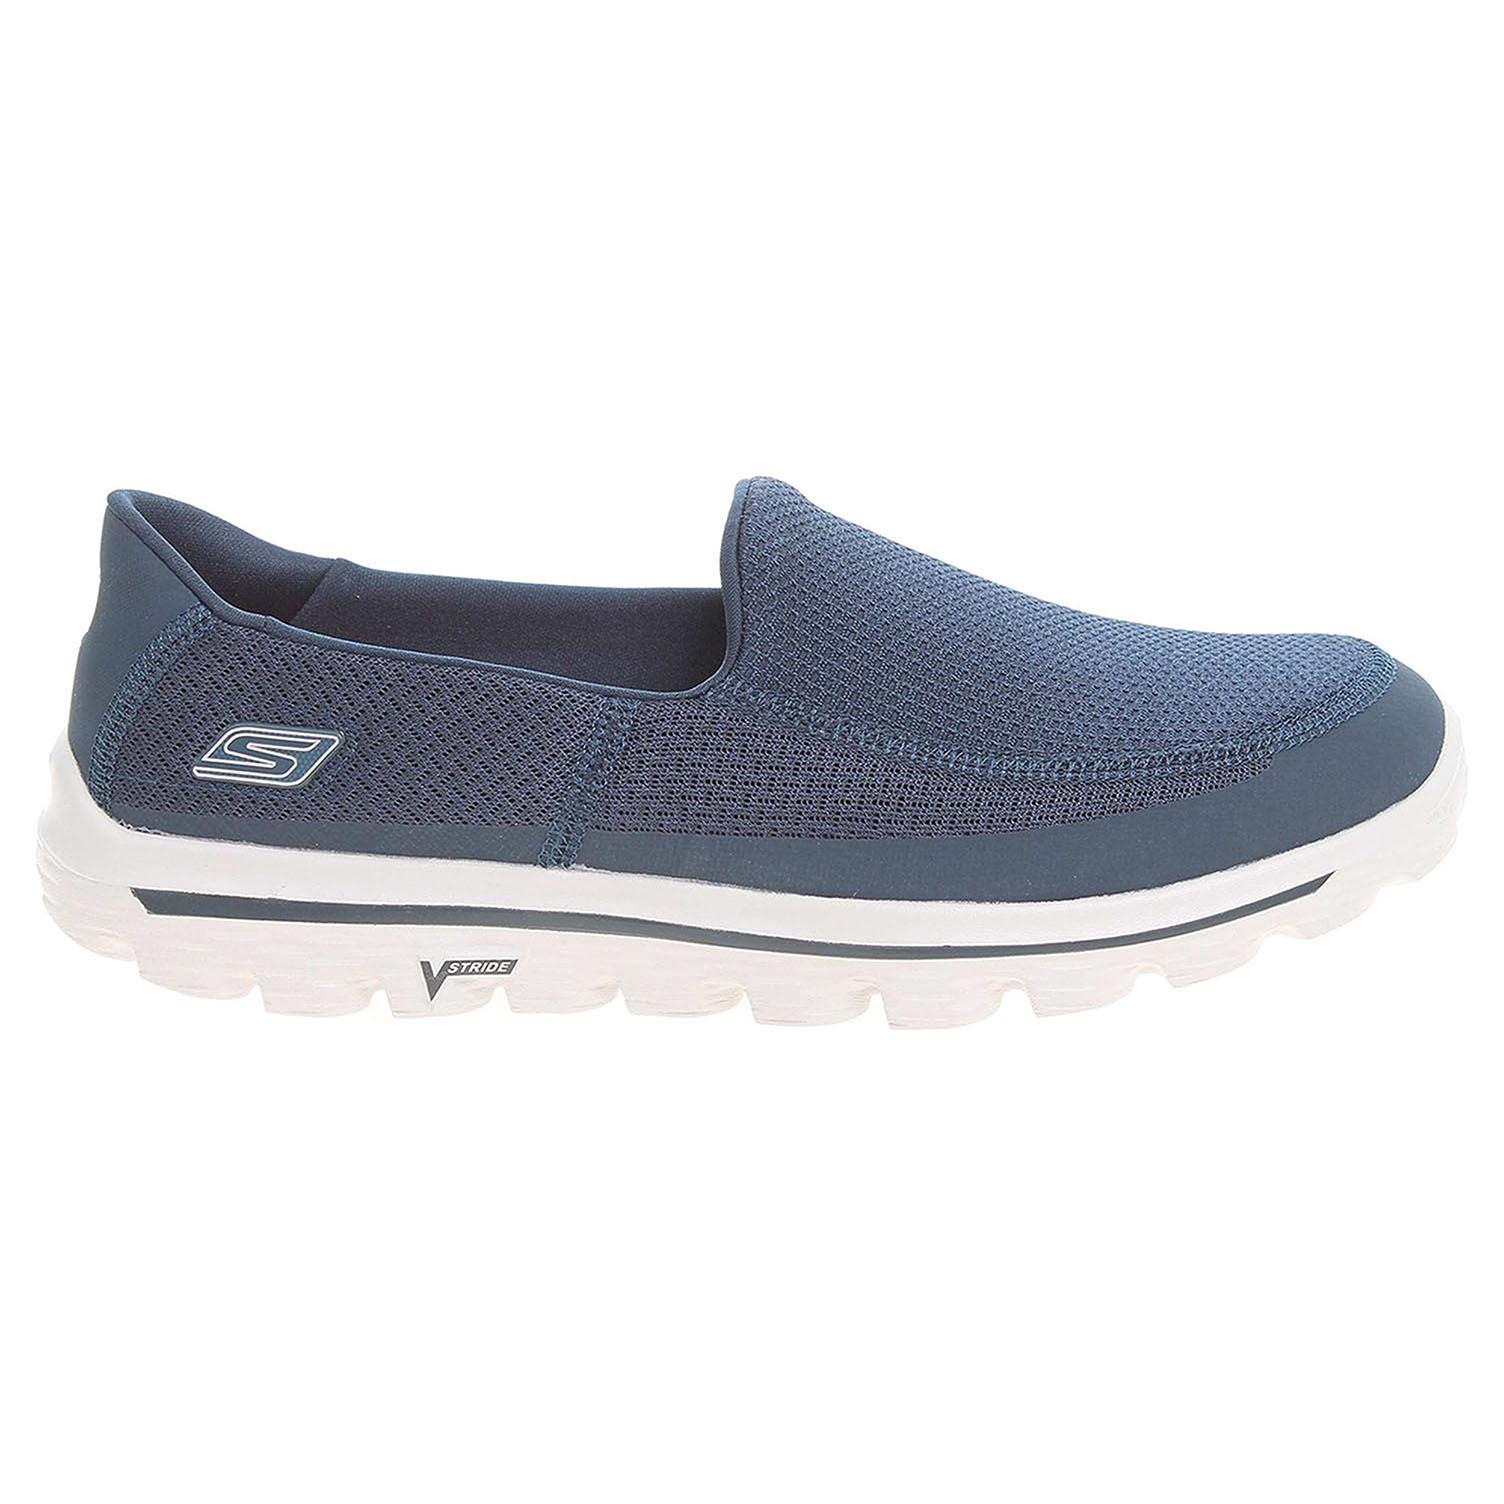 Ecco Skechers Go Walk 2 navy-gray 24000329